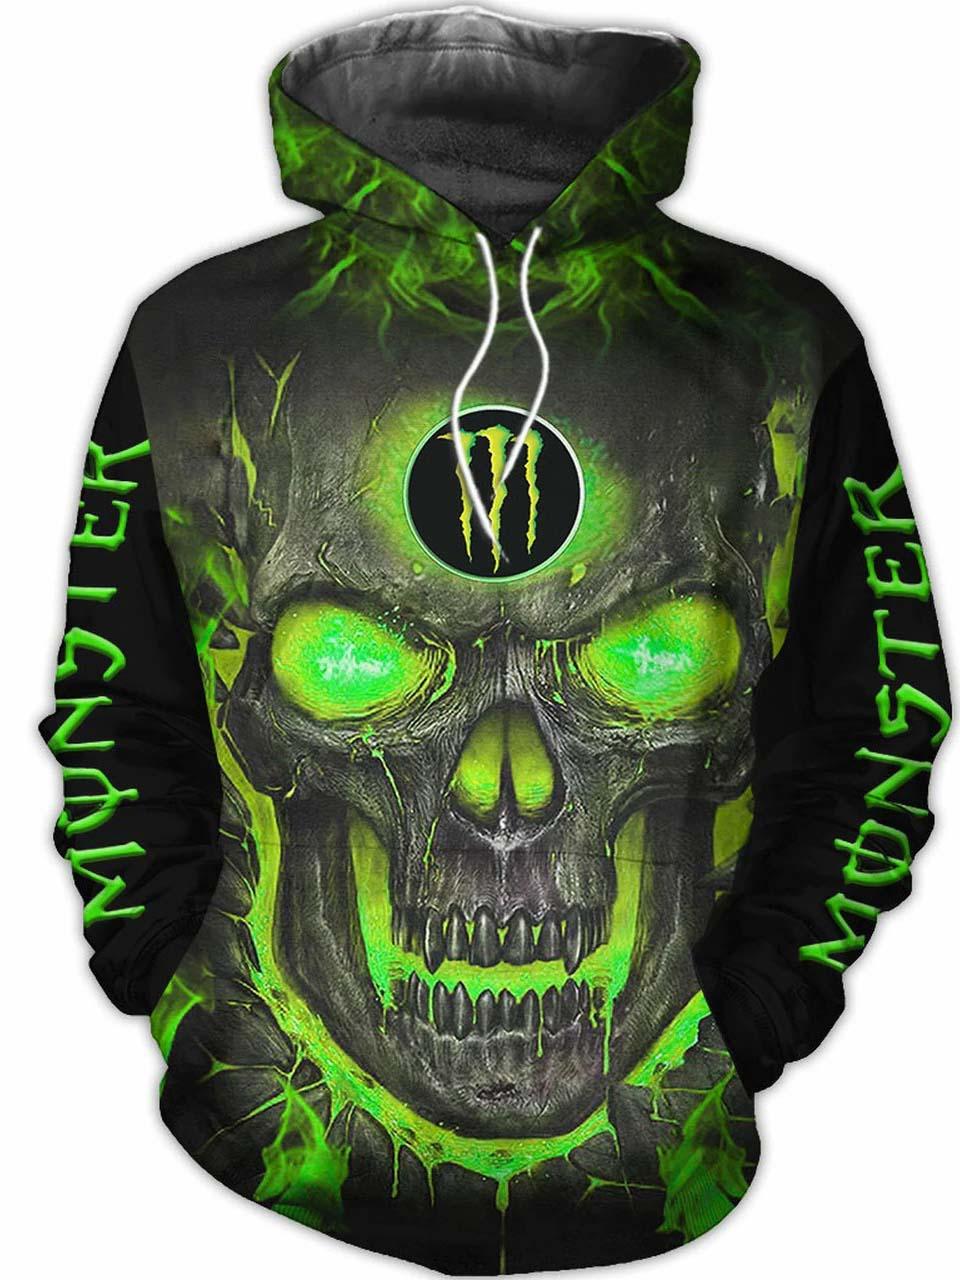 monster energy green lava skull all over printed shirt 1